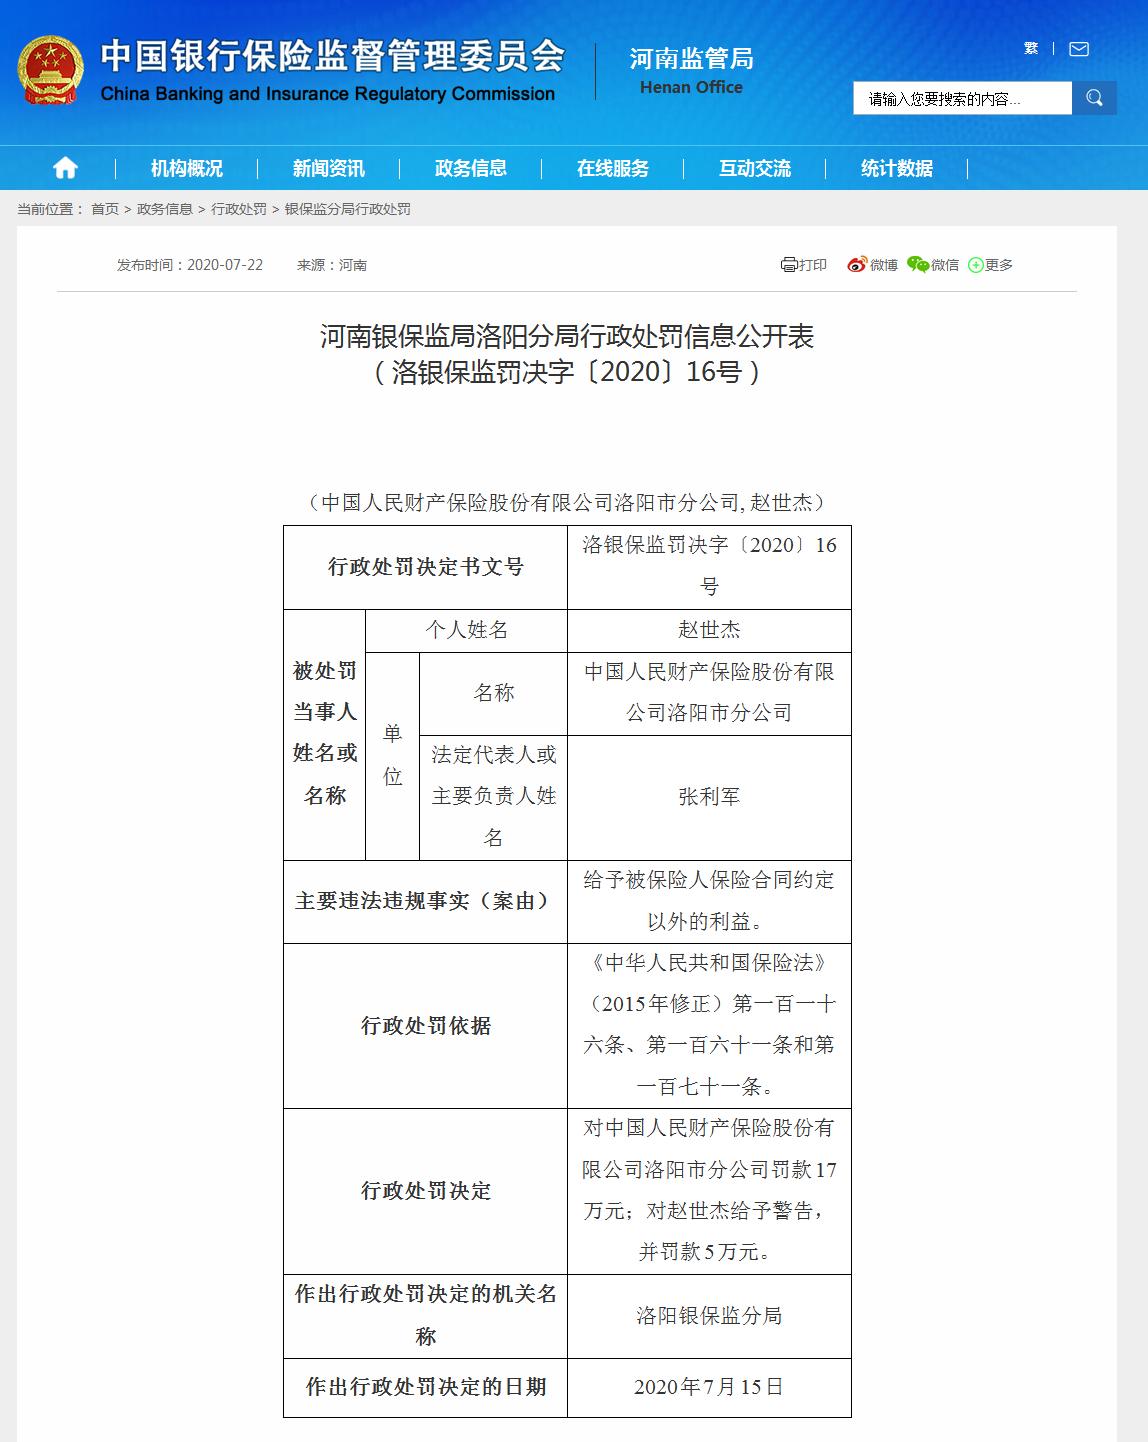 给予被保险人保险合同约定以外的利益 中国人保洛阳分公司被罚款17万元